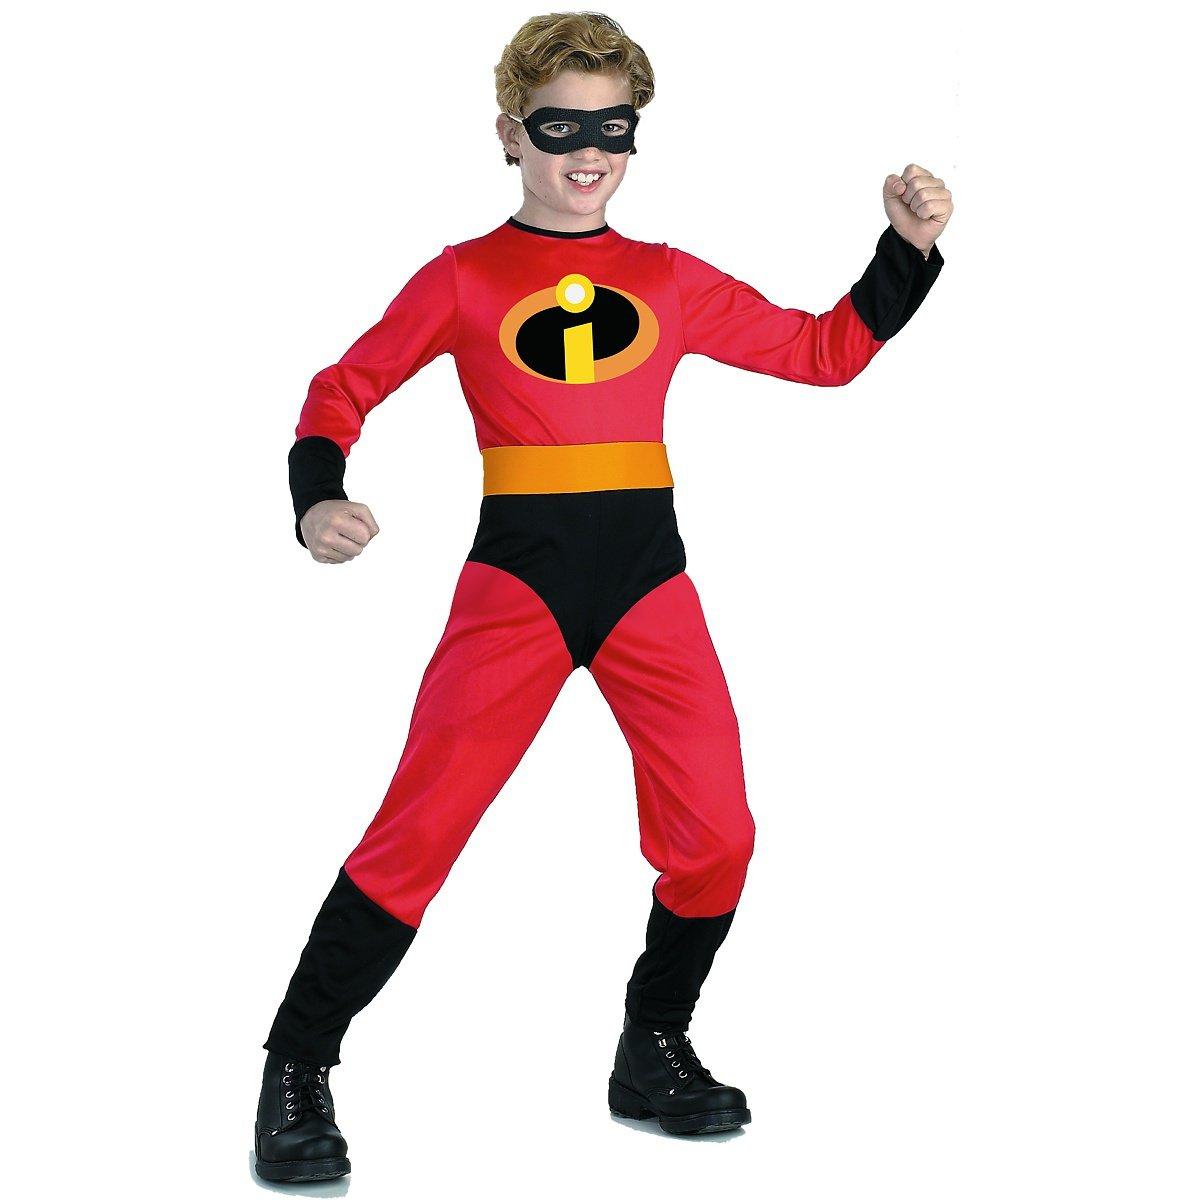 Dash Child Costume - Medium